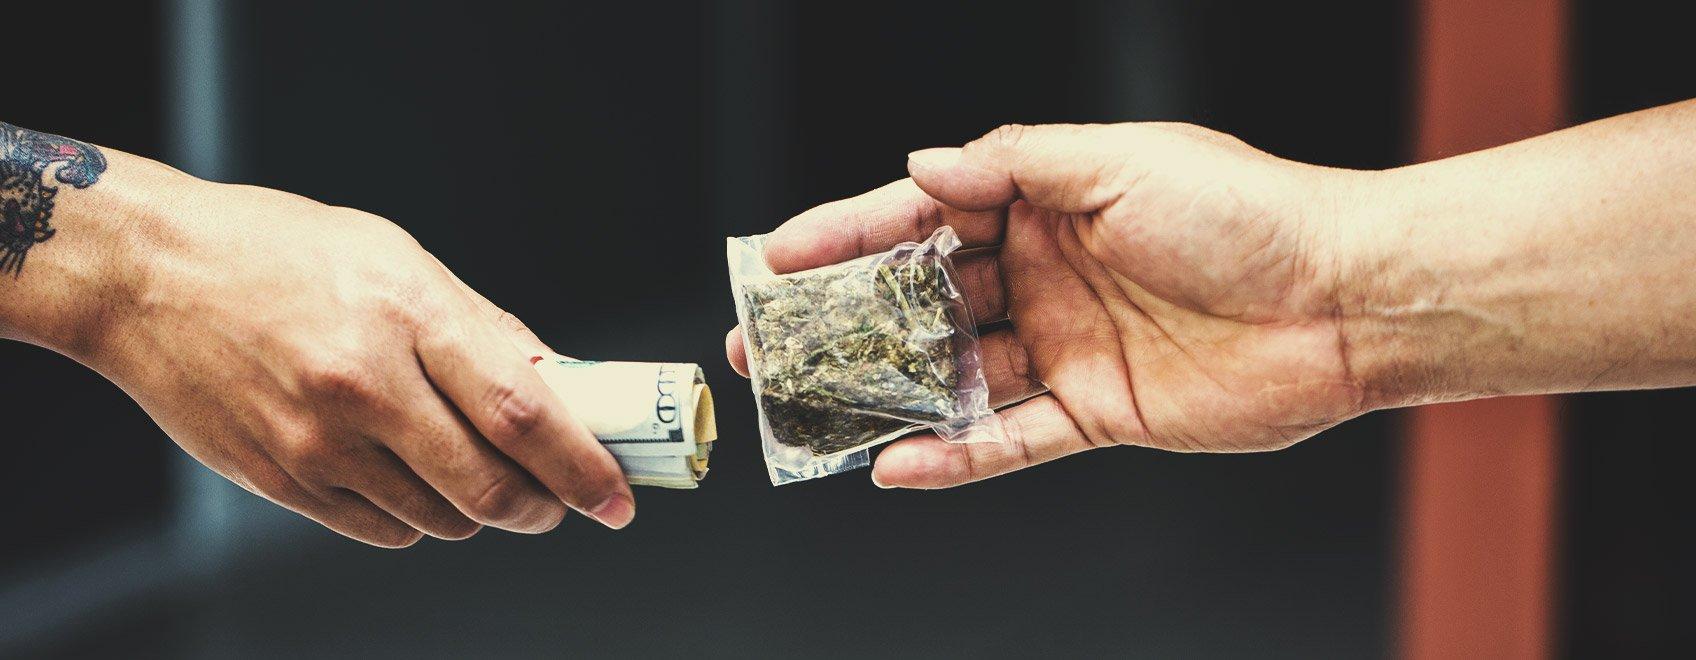 Le persone si preoccupano della provenienza della cannabis che consumano?